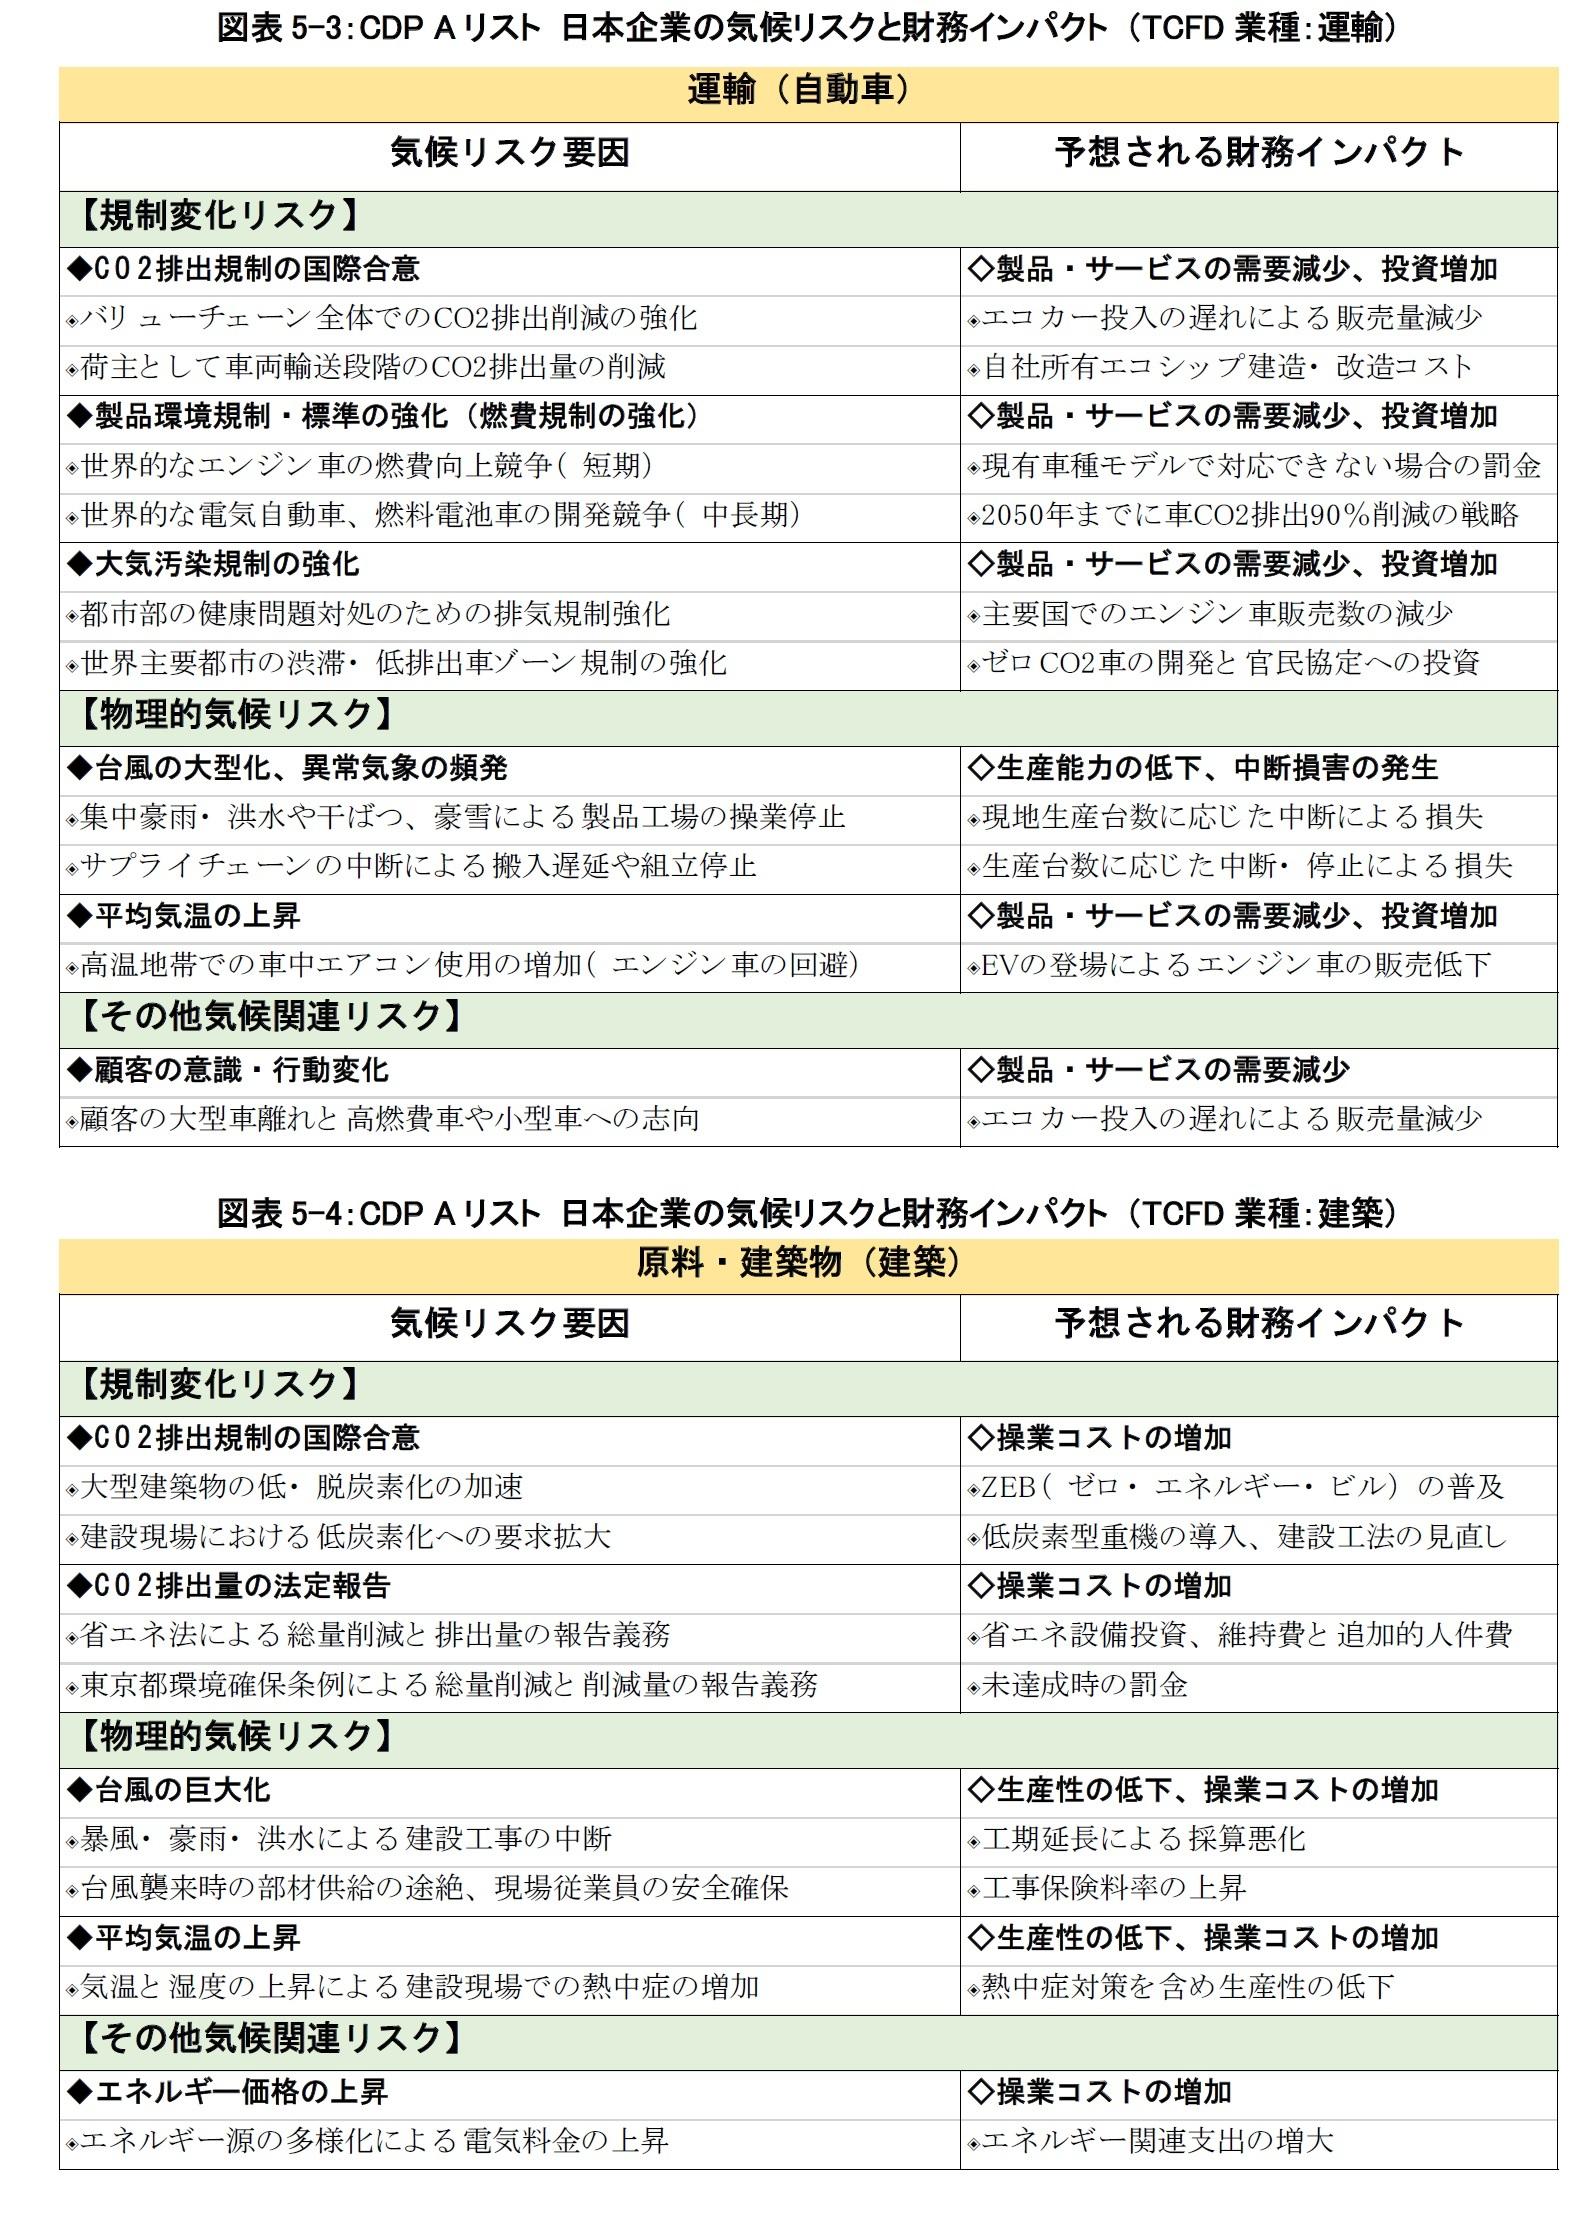 図表5-3:CDP Aリスト 日本企業の気候リスクと財務インパクト (TCFD業種:運輸)/図表5-4:CDP Aリスト 日本企業の気候リスクと財務インパクト (TCFD業種:建築)